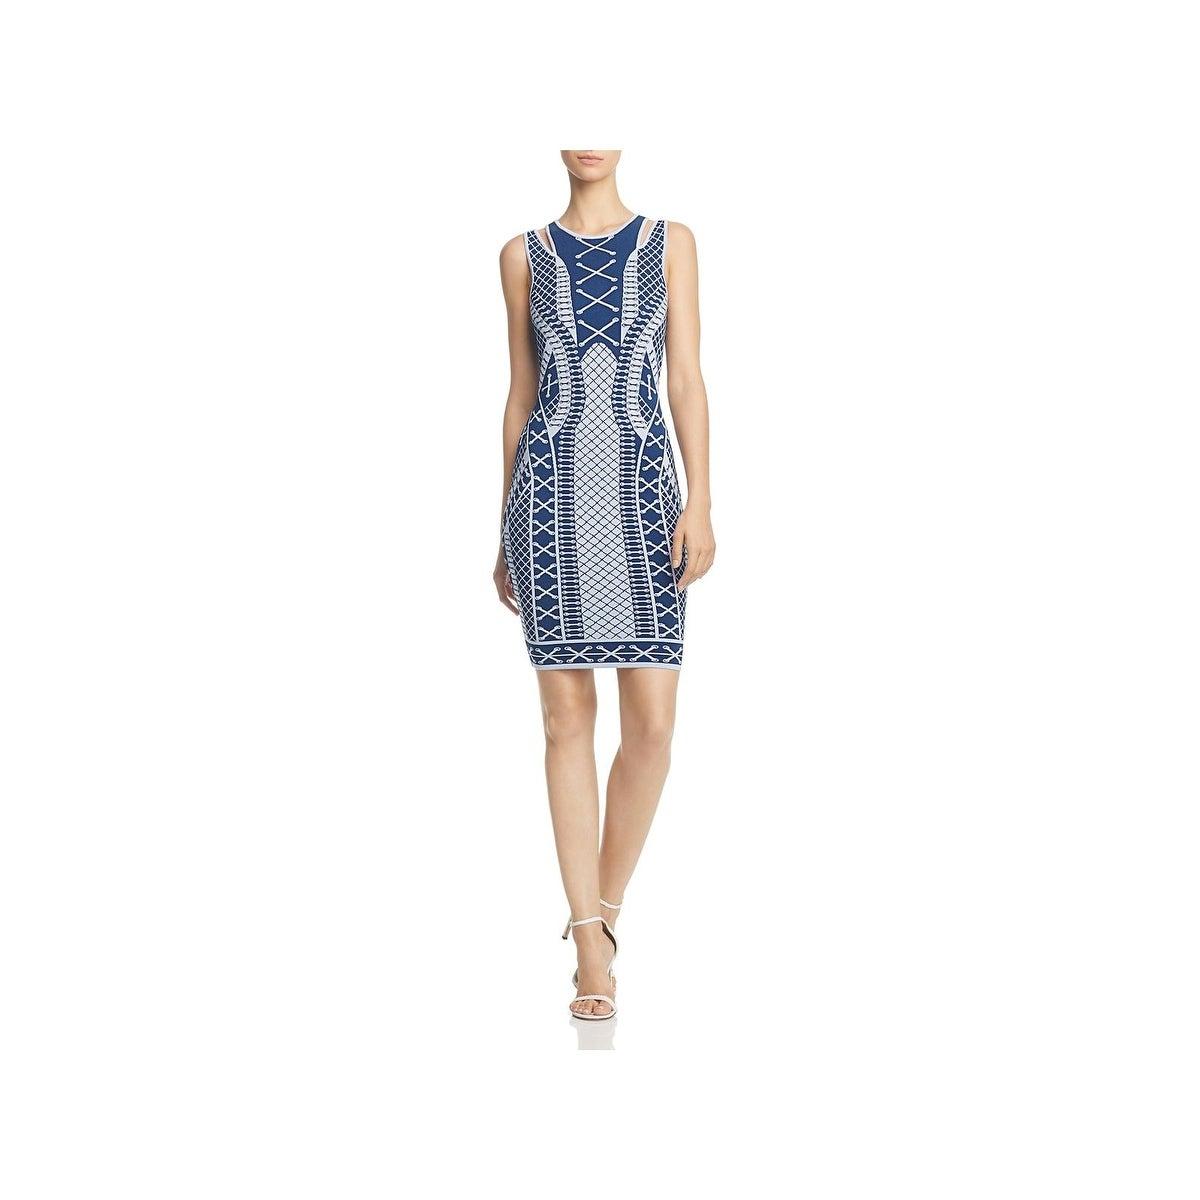 99960fde894e Guess Dresses